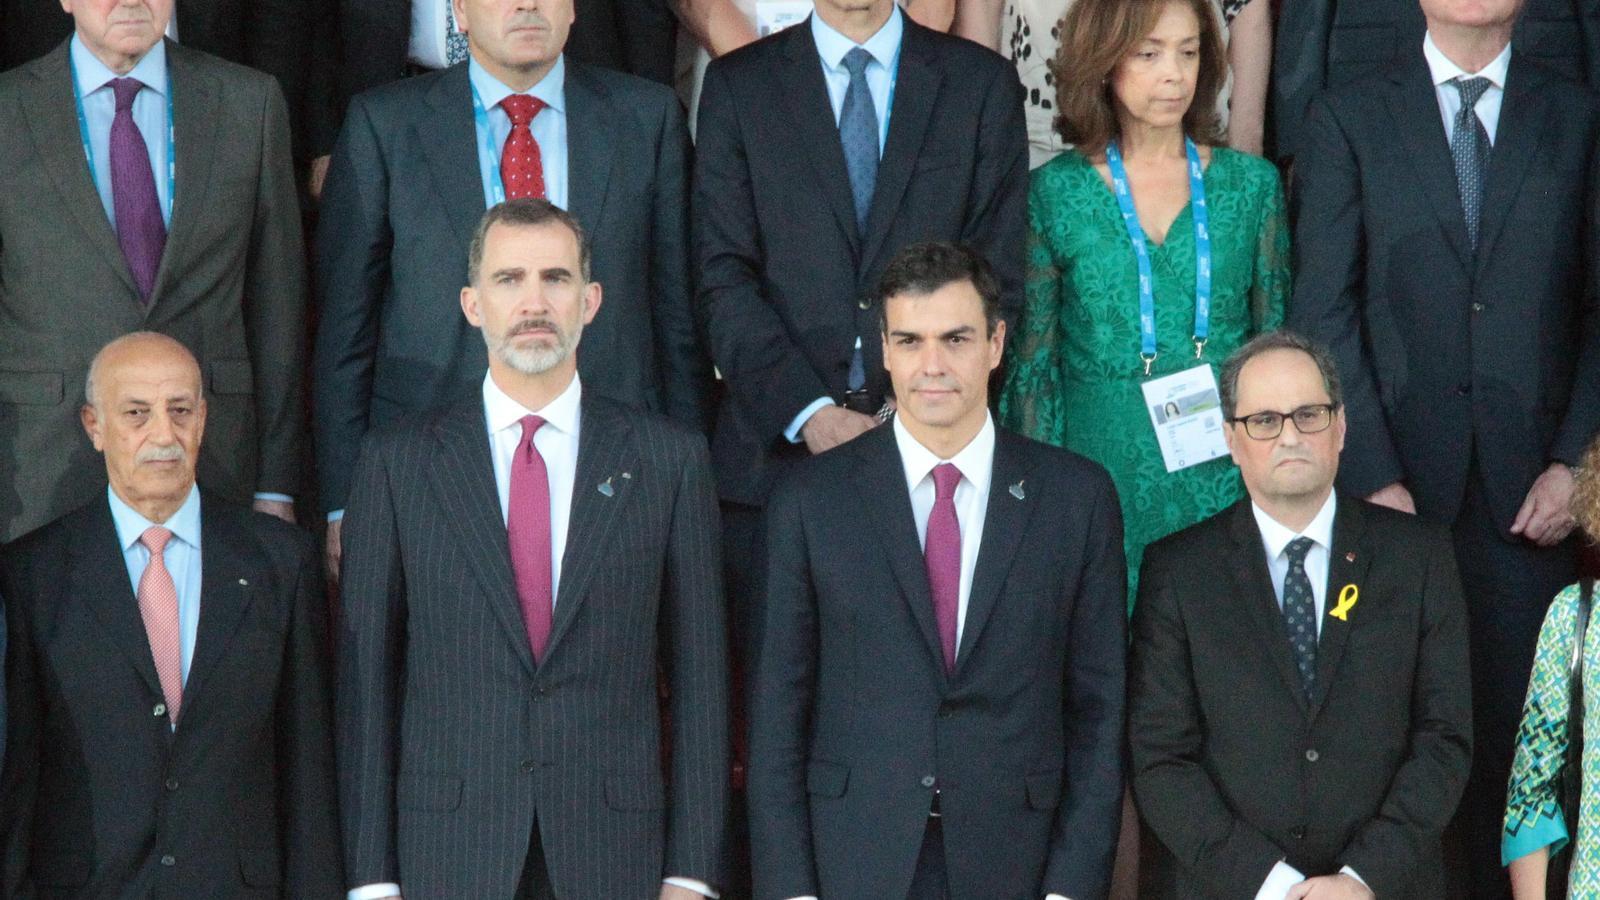 El cap de Govern, Toni Martí, durant la cerimònia d'inauguració dels jocs. / EFE